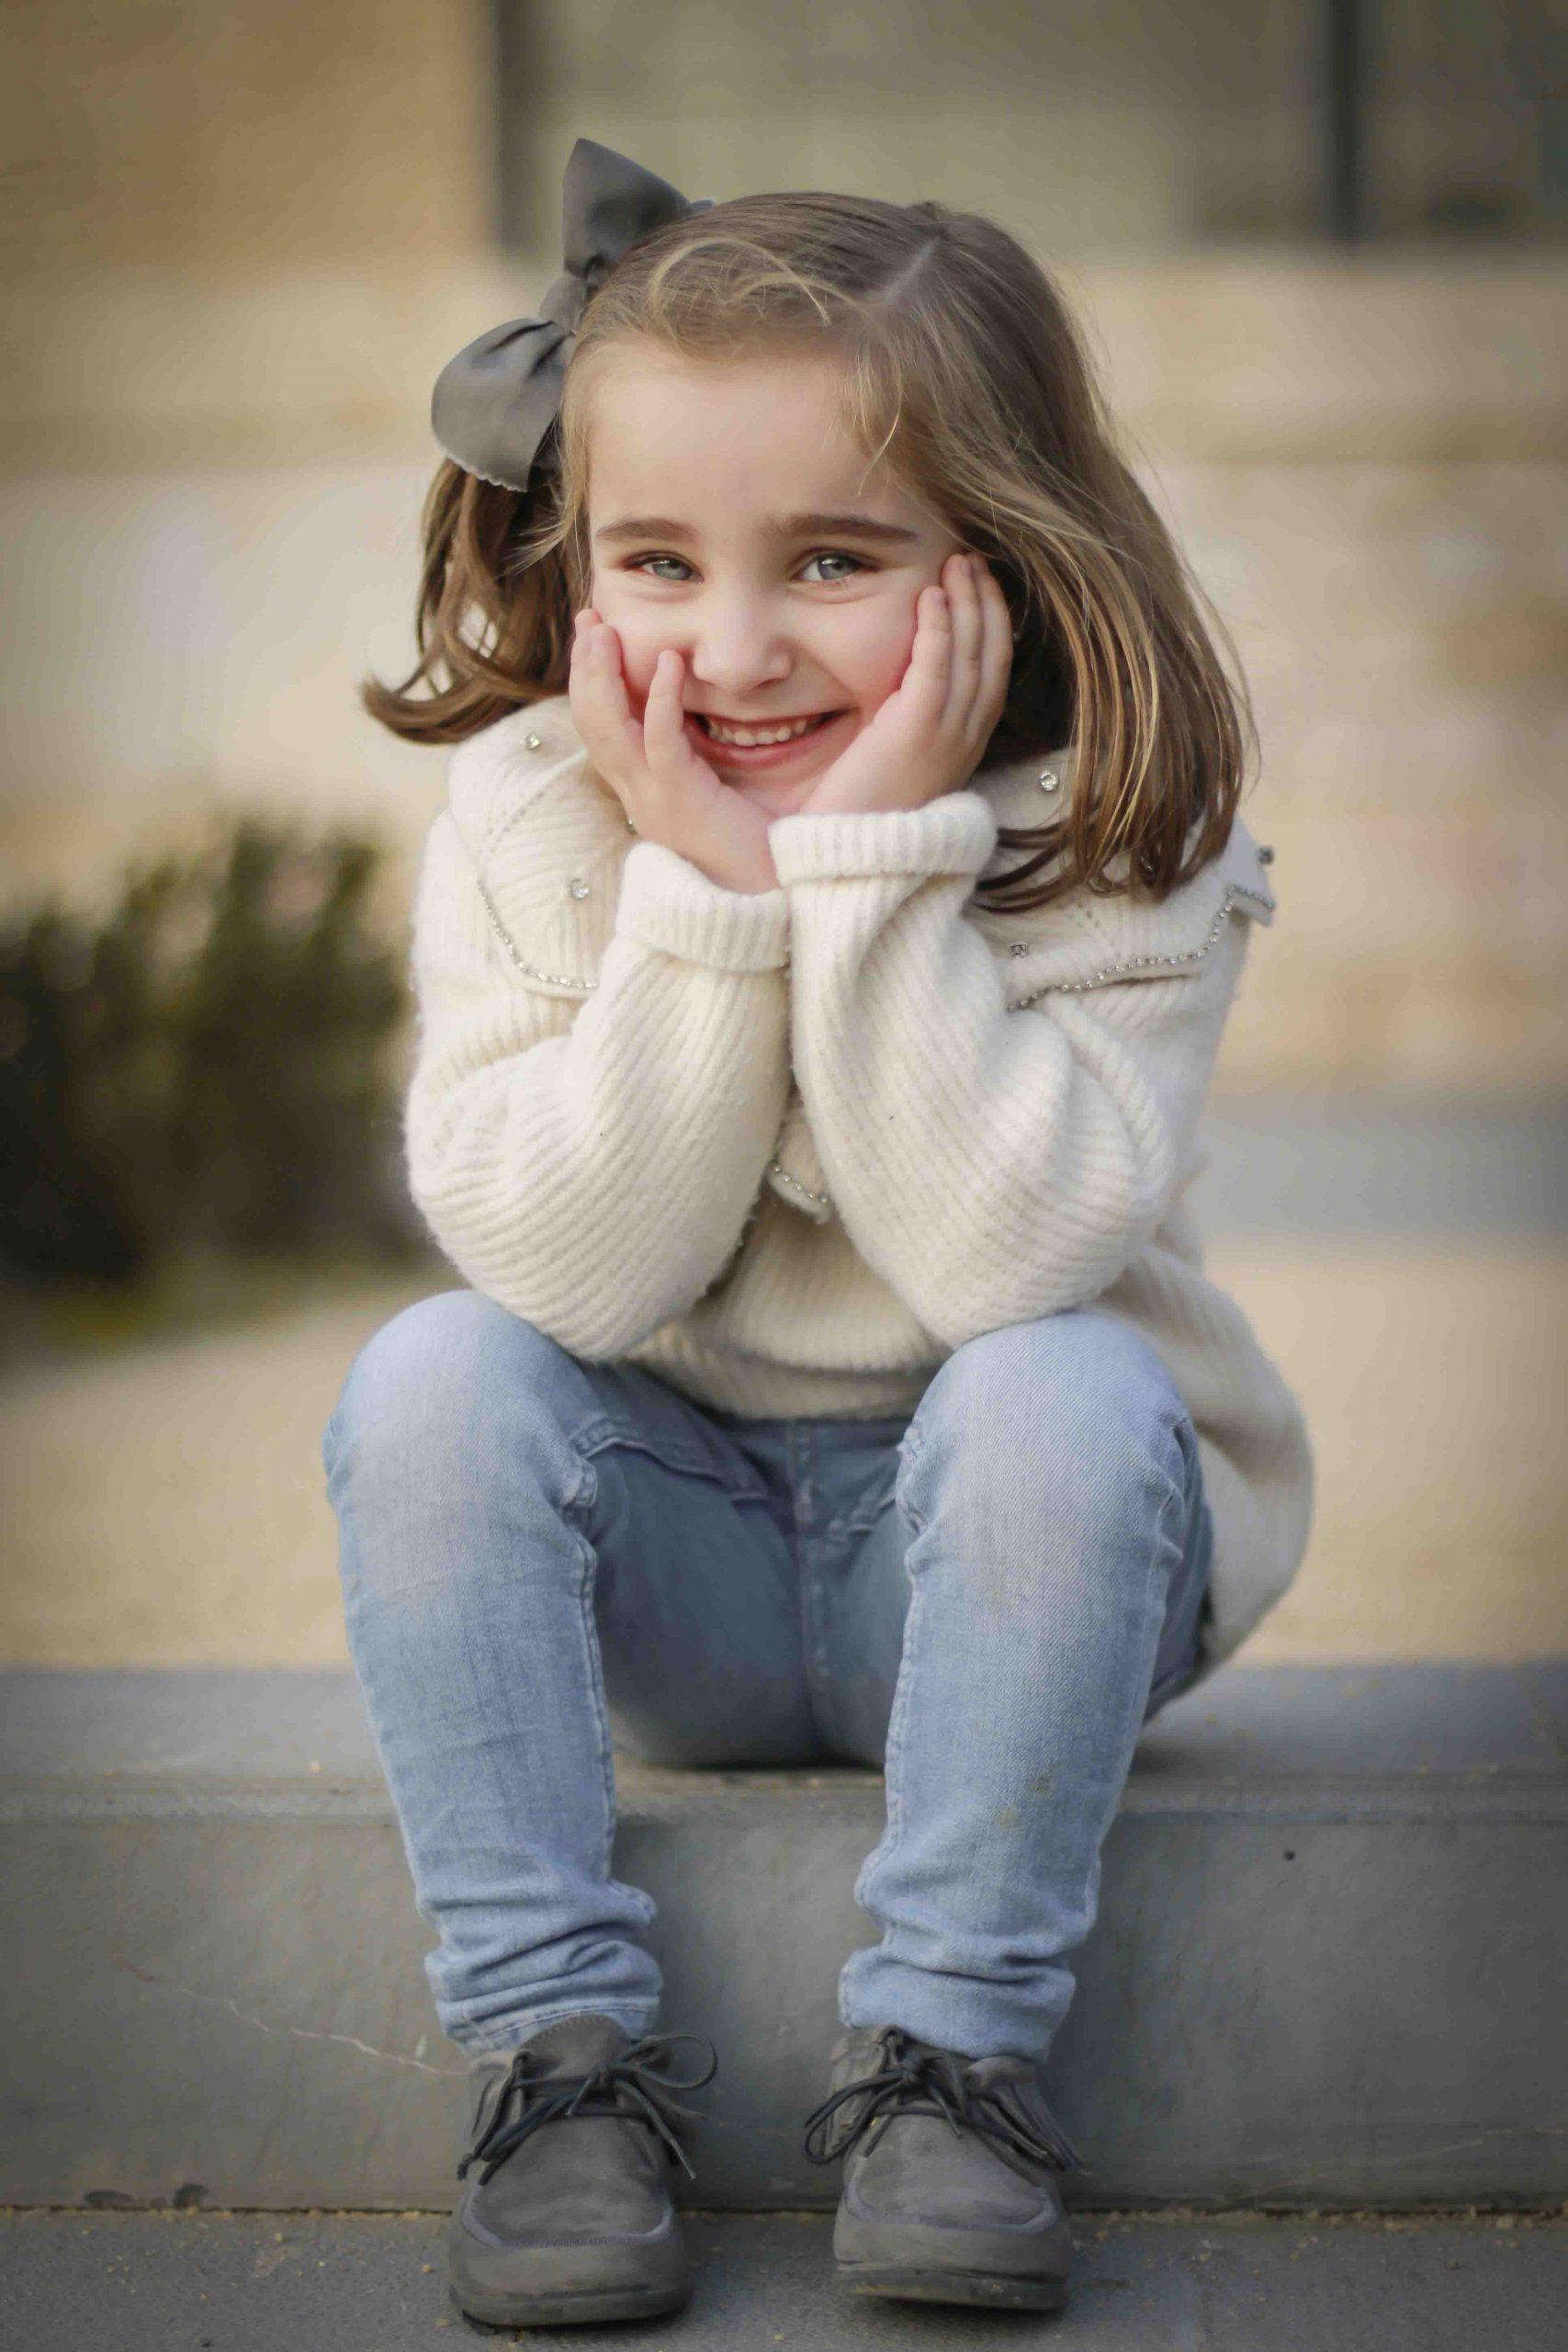 una niña que lleva gorro, guantes y bufanda  sentada en el suelo sonriendo